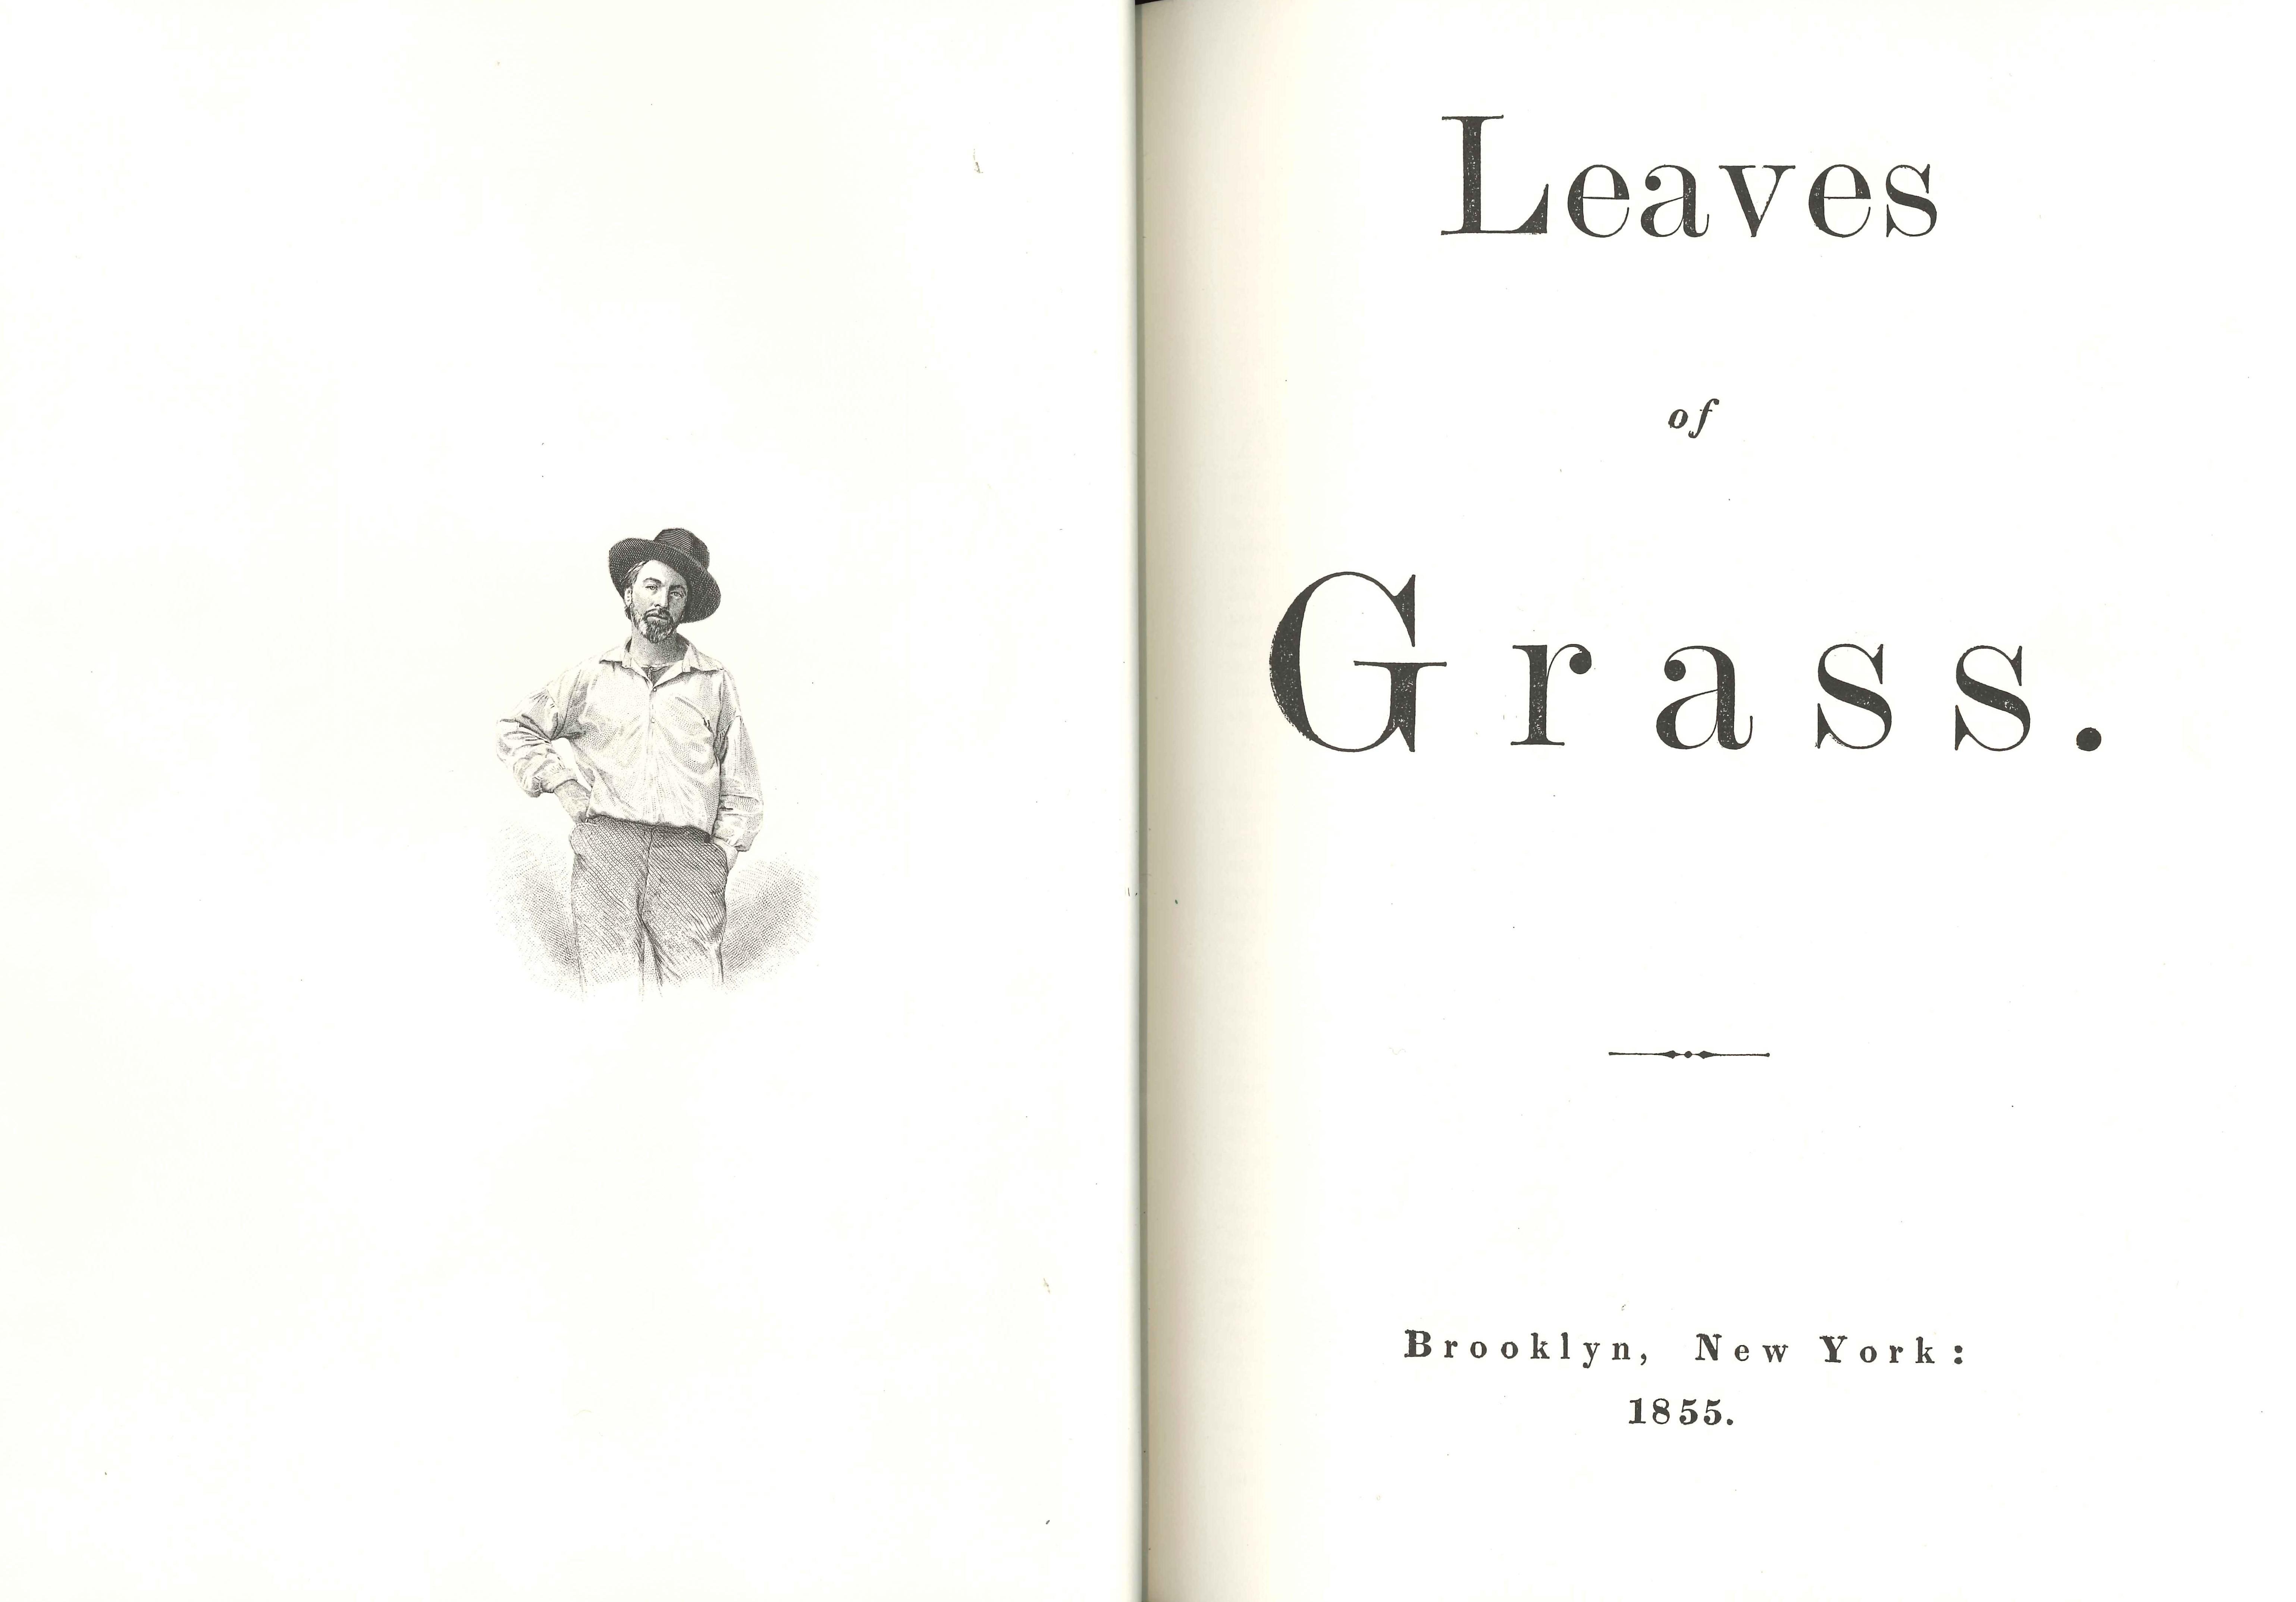 Walt Whitman. Leaves of Grass. [New York: Eakins Press, 1966]